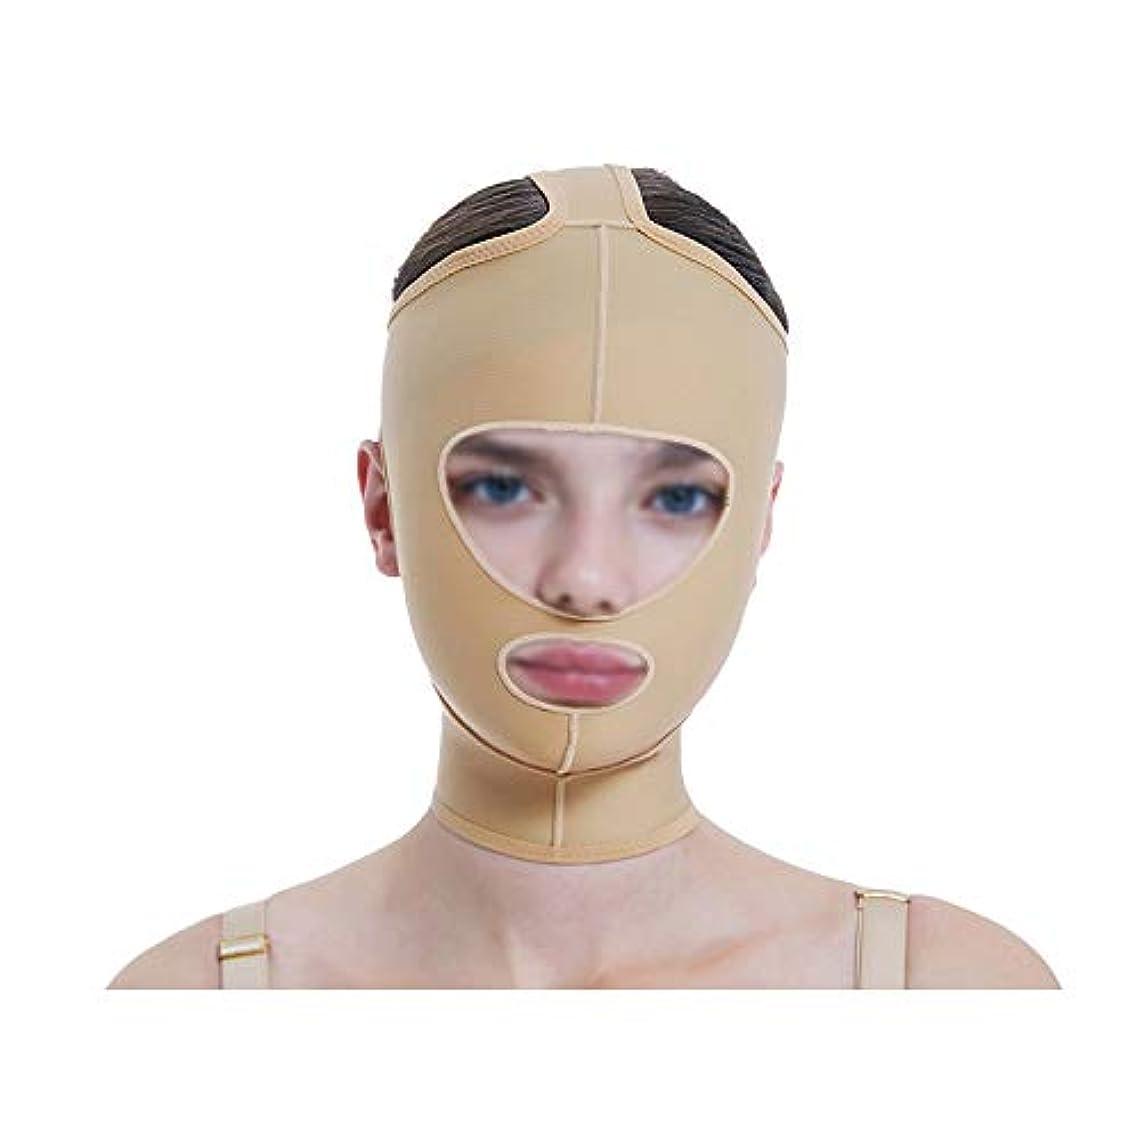 爵マーカー引用TLMY 顔と首のリフト痩身マスクの顔の彫刻の顔の弾性スーツ薄い二重あごのアーティファクトV顔のビーム表面 顔用整形マスク (Size : S)